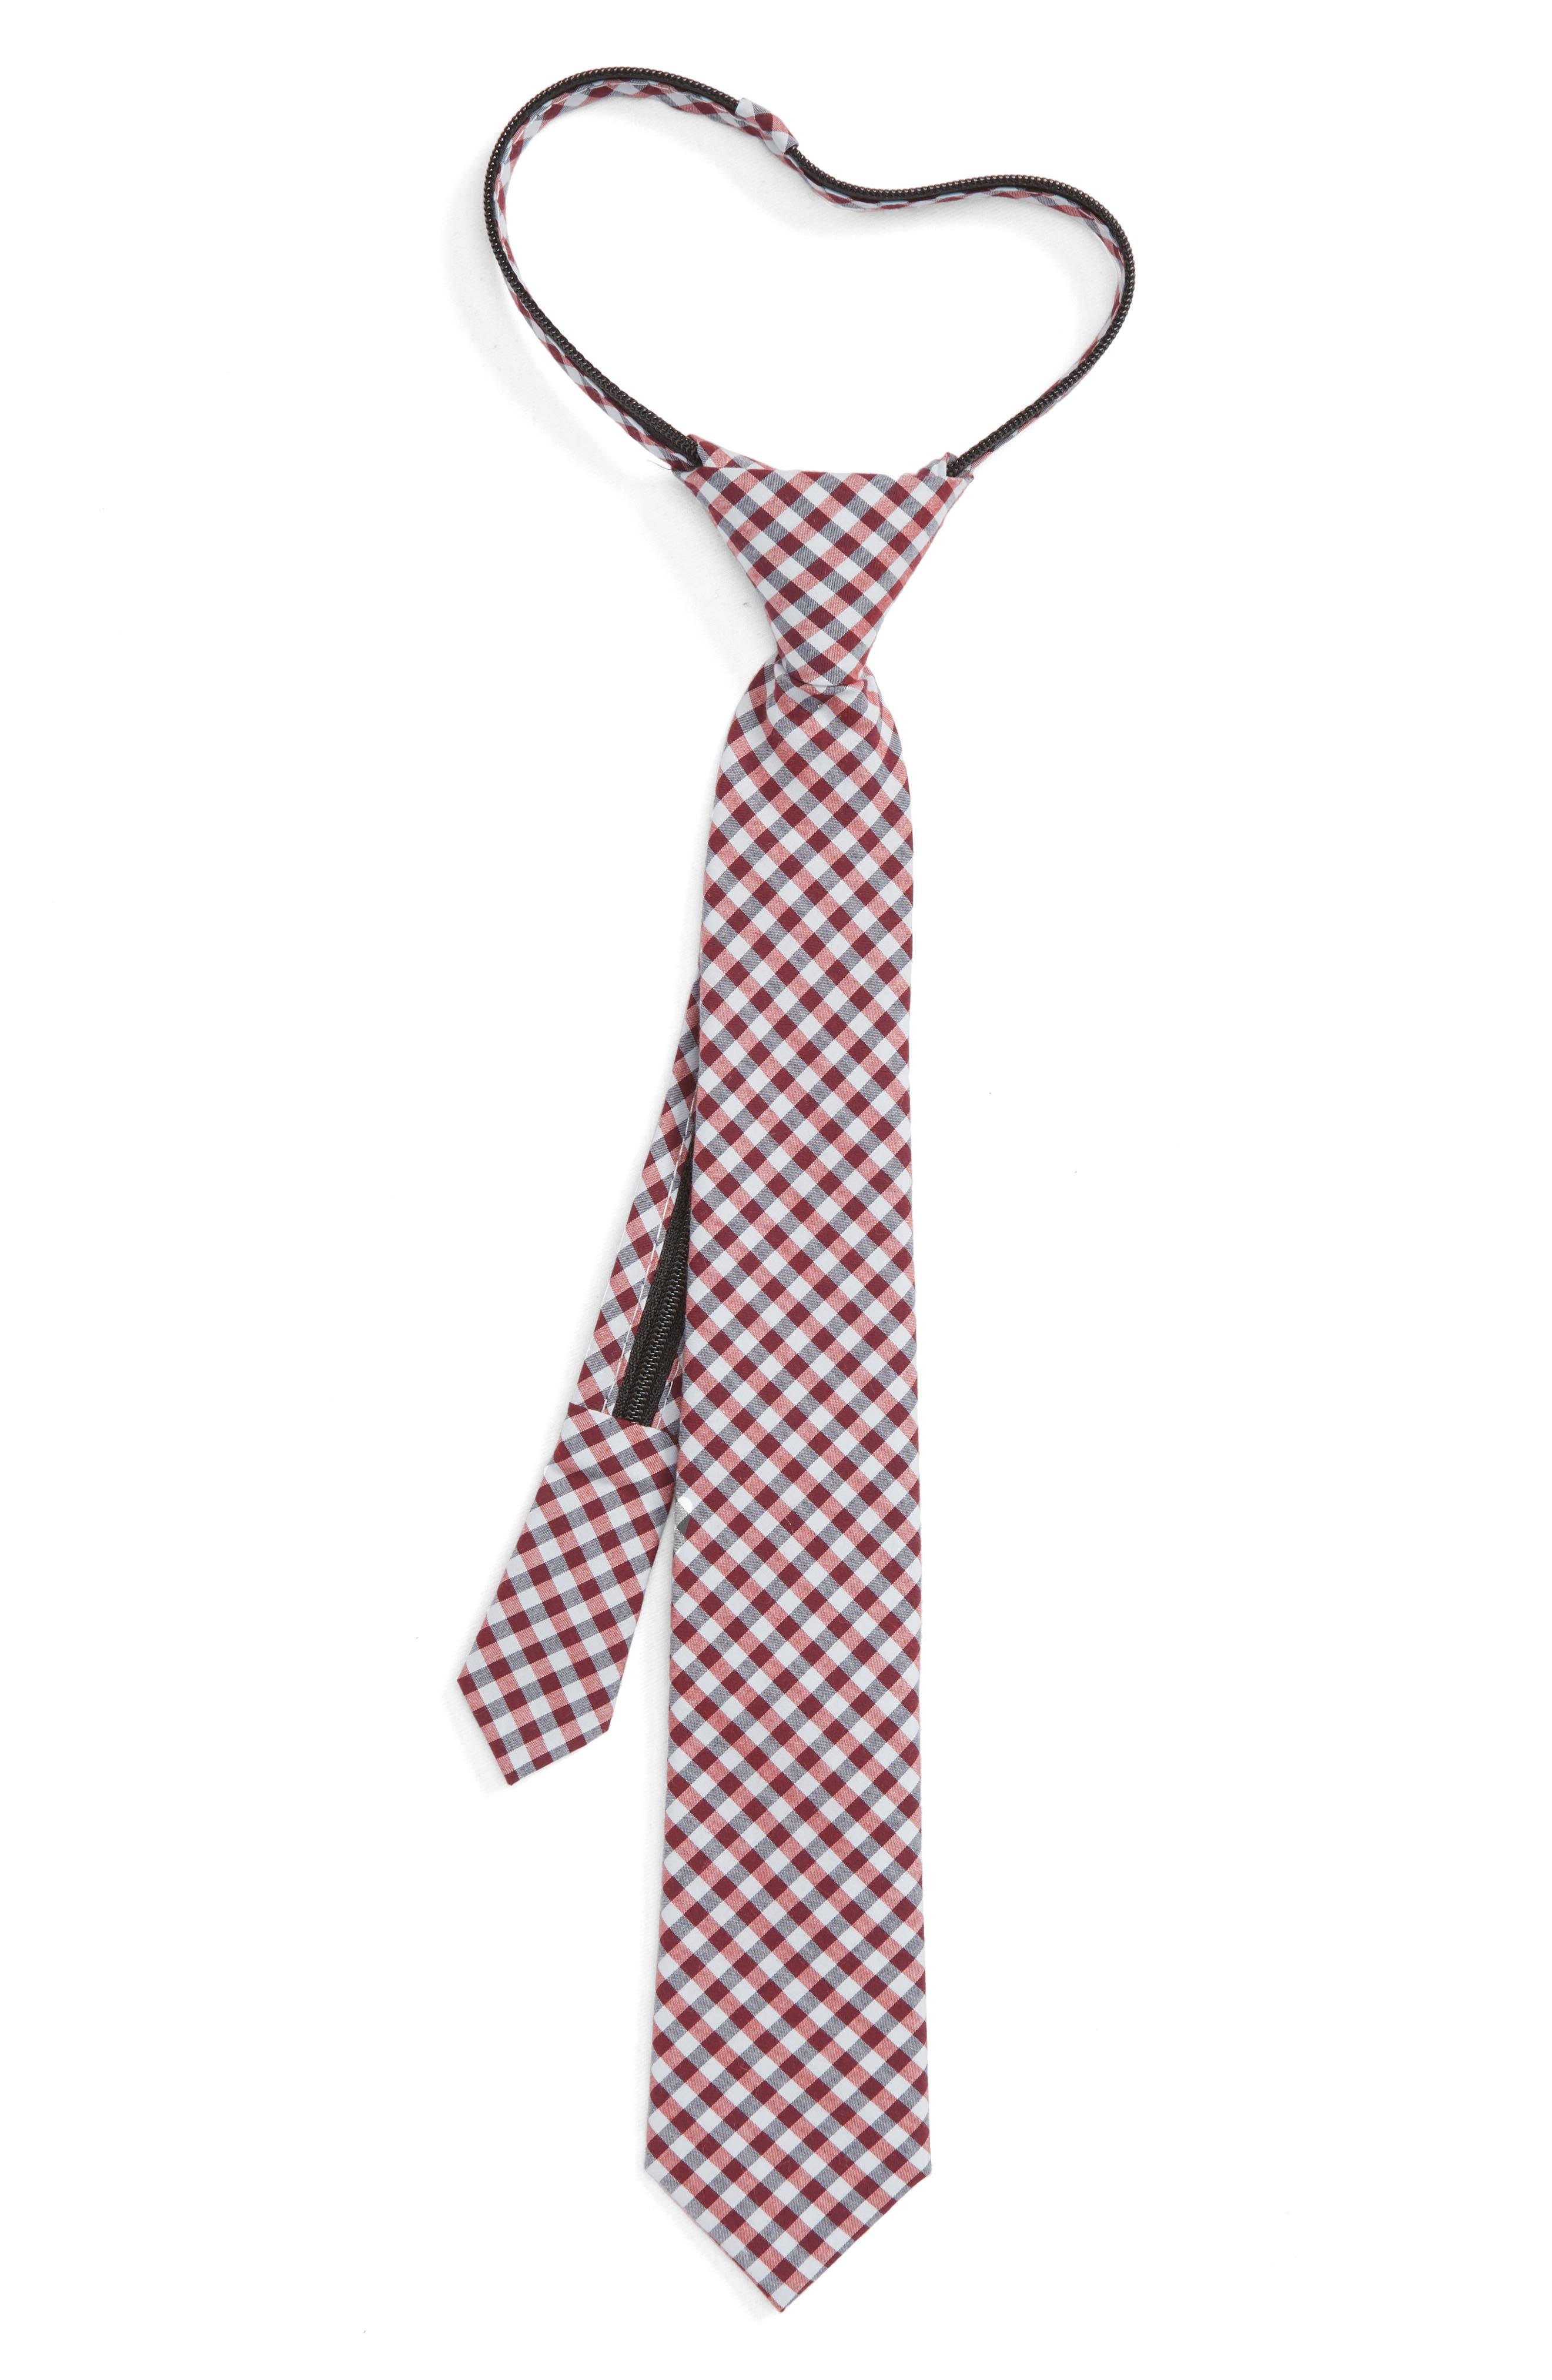 Plaid Cotton Zip Tie,                             Main thumbnail 1, color,                             RED